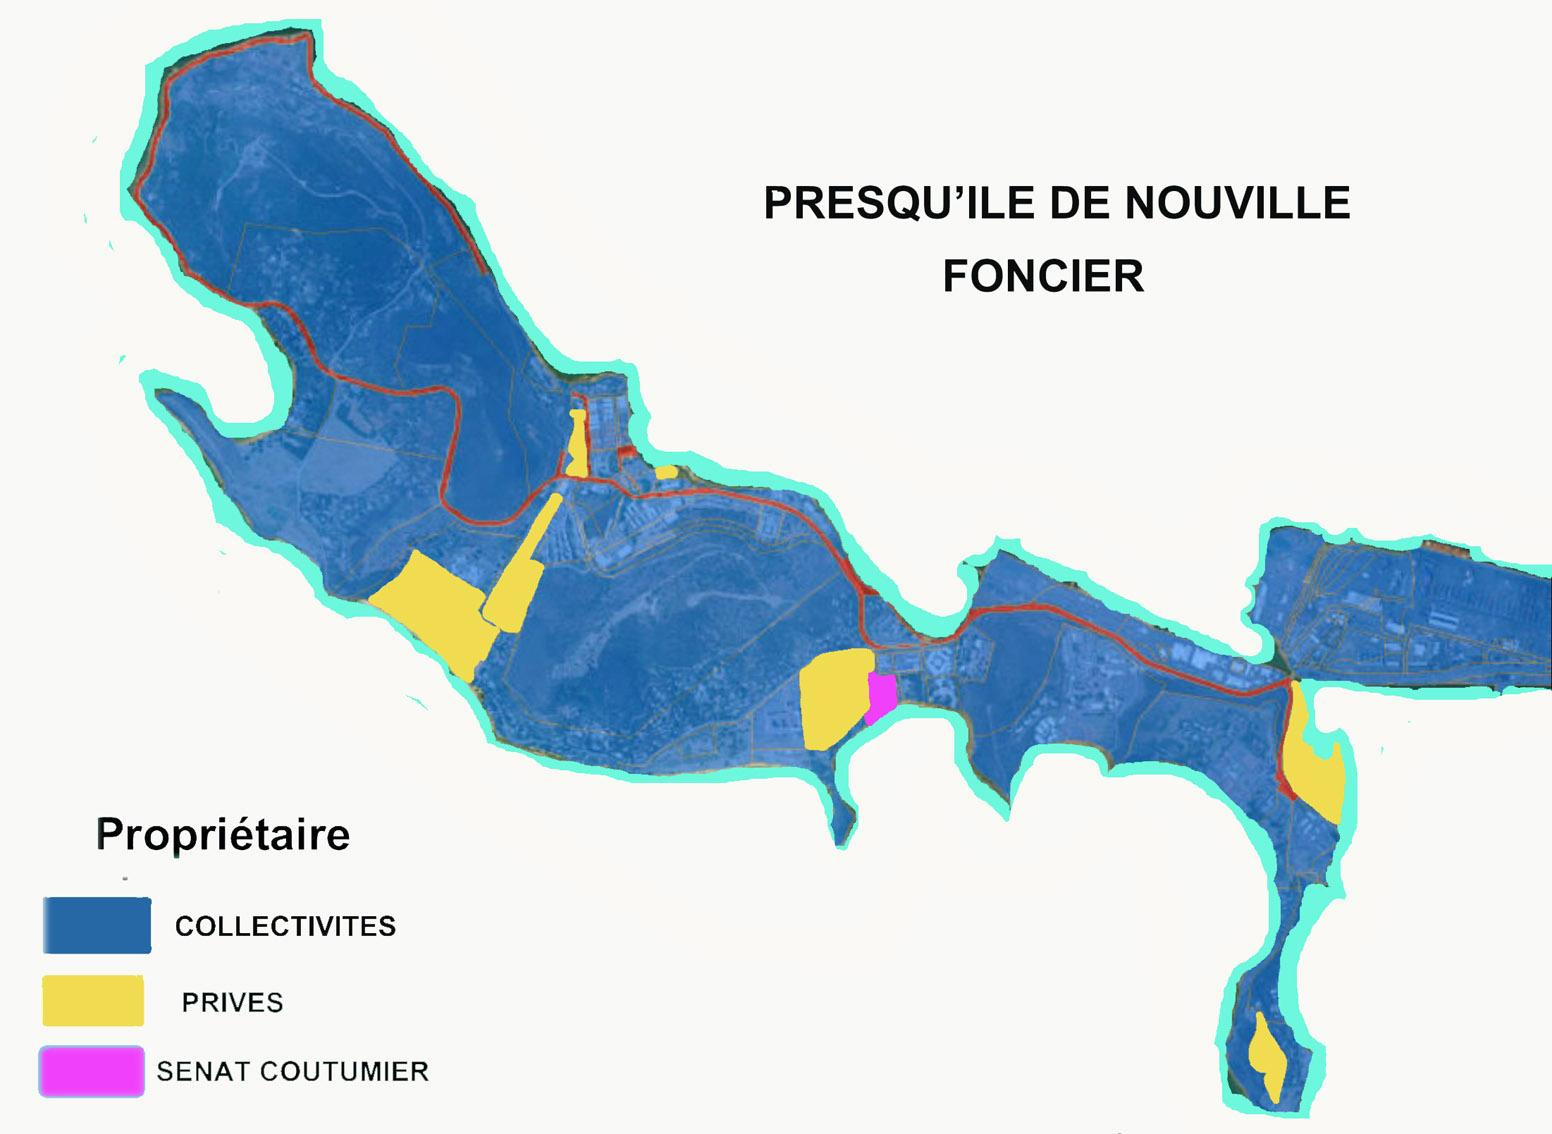 Foncier nouvilledec20